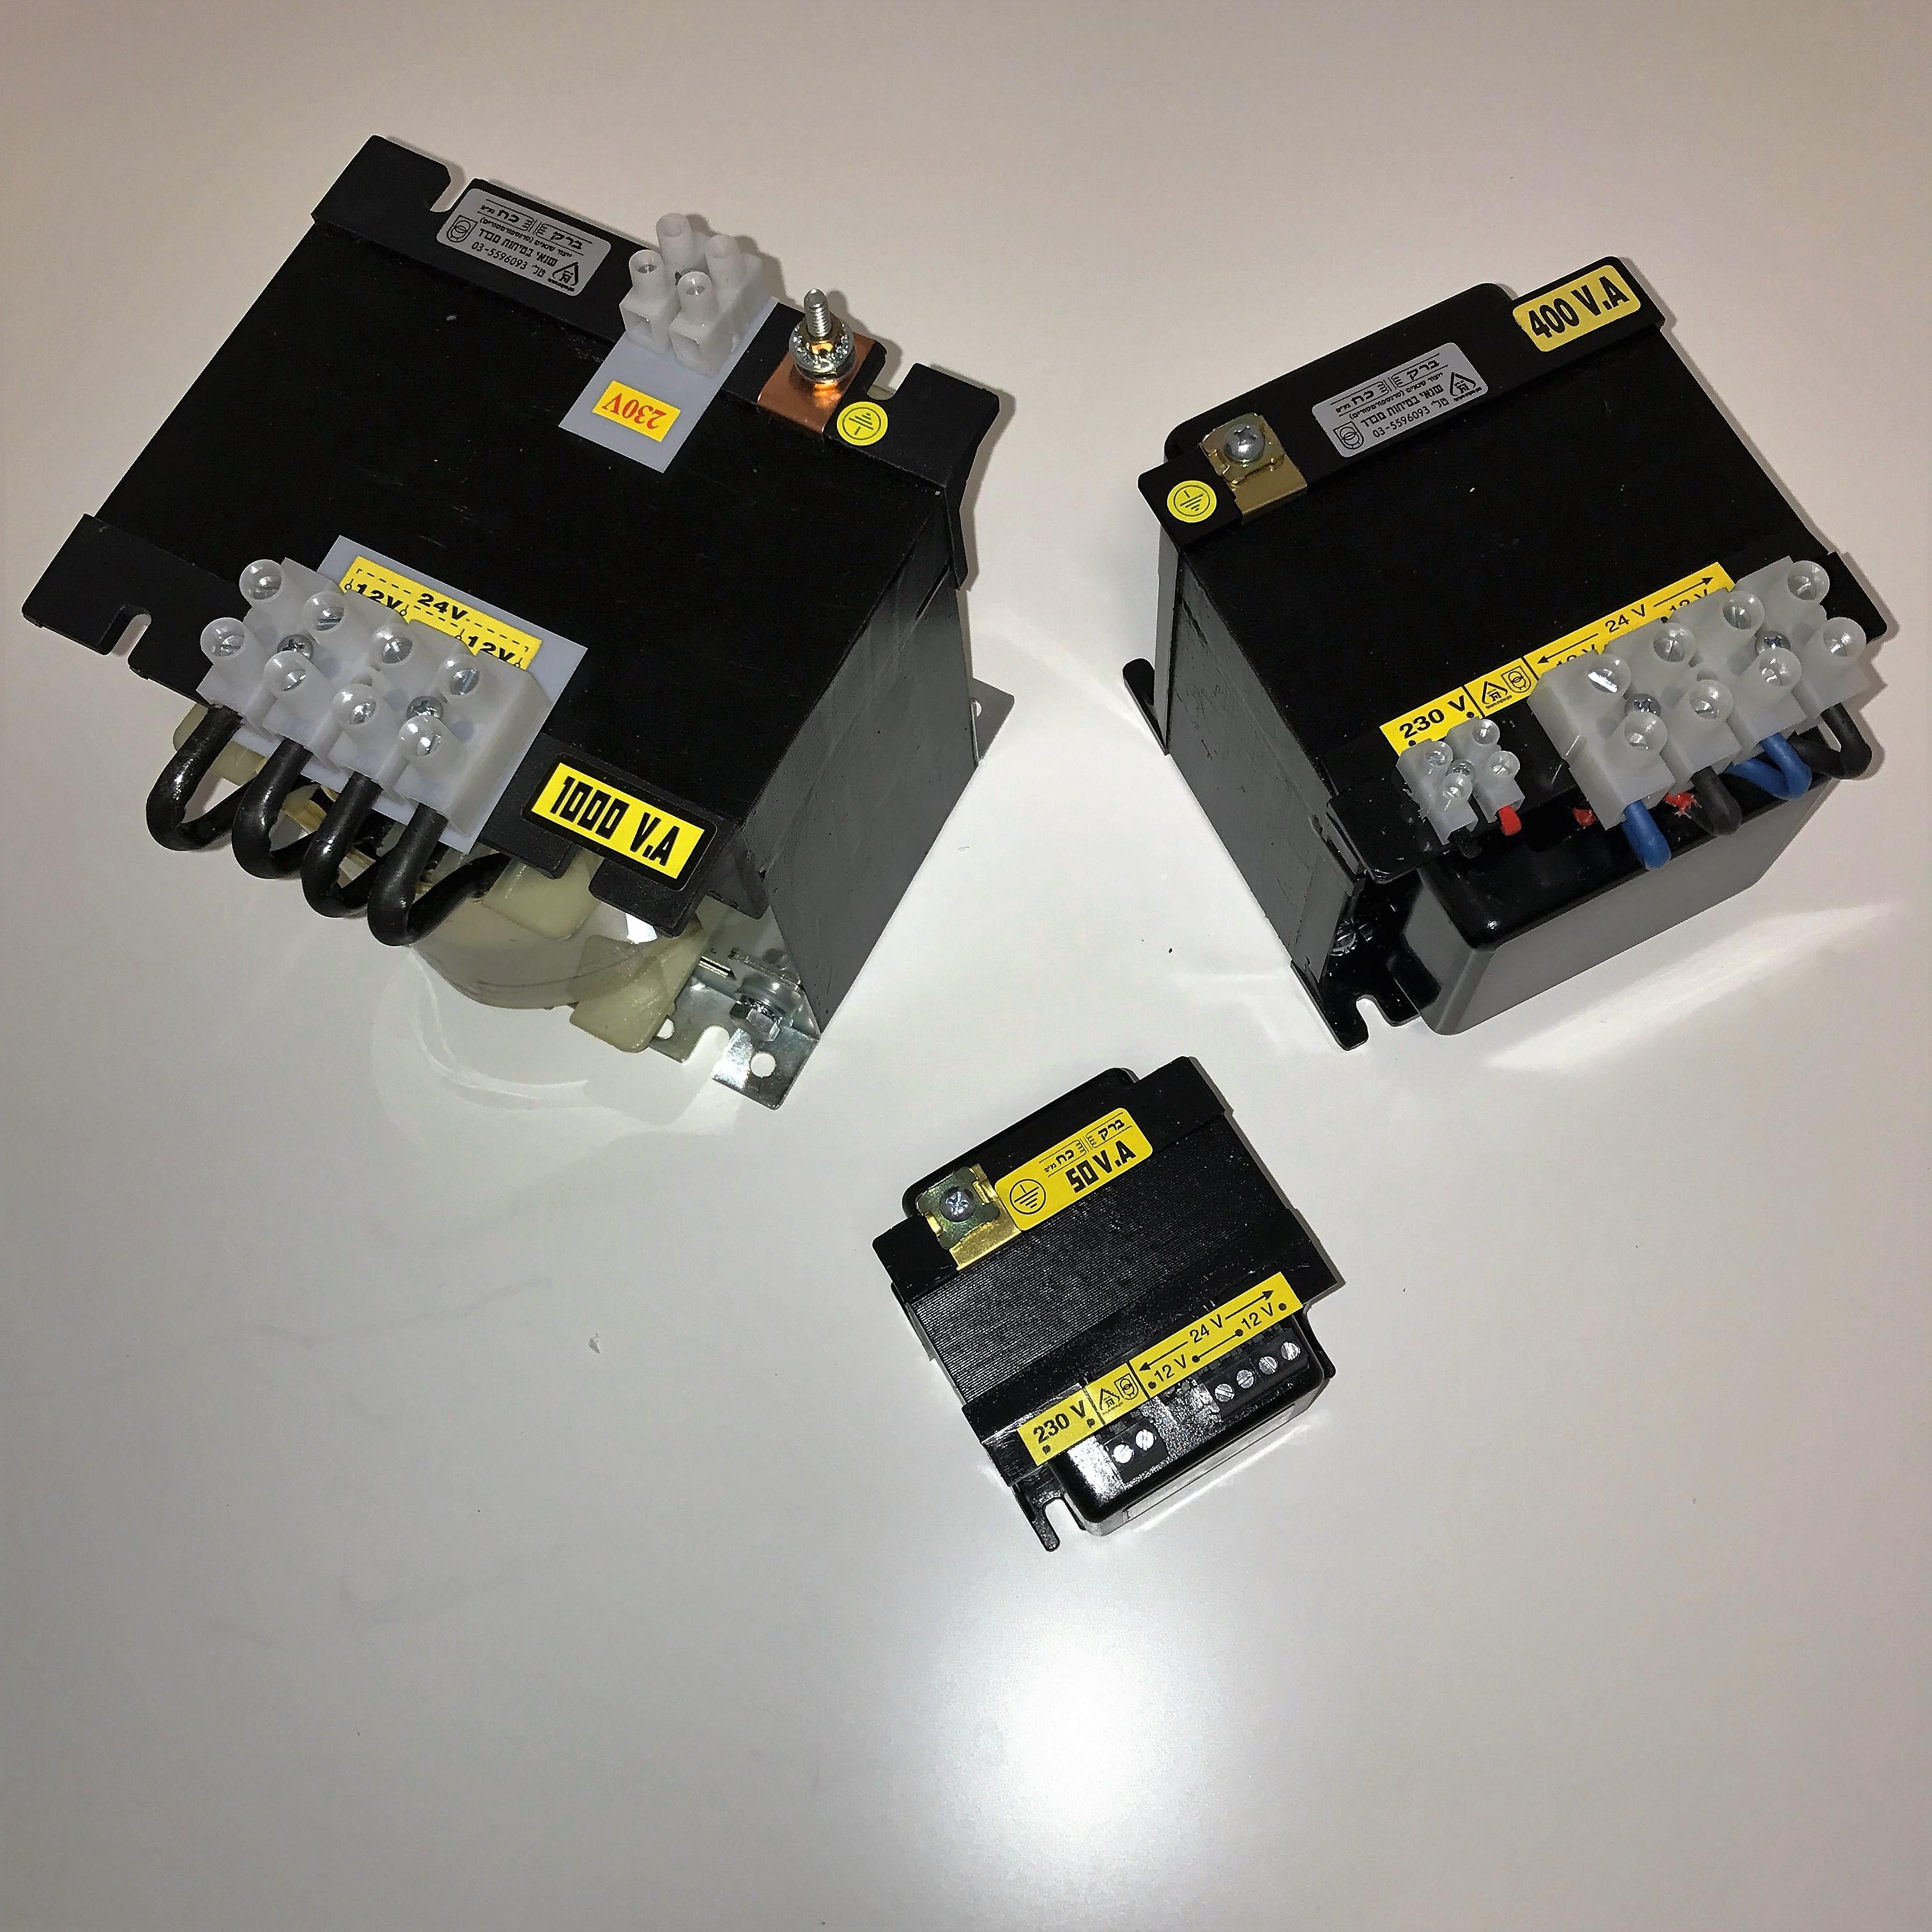 שנאי מבדל בהספק 10000VA במתחים 230V-24V